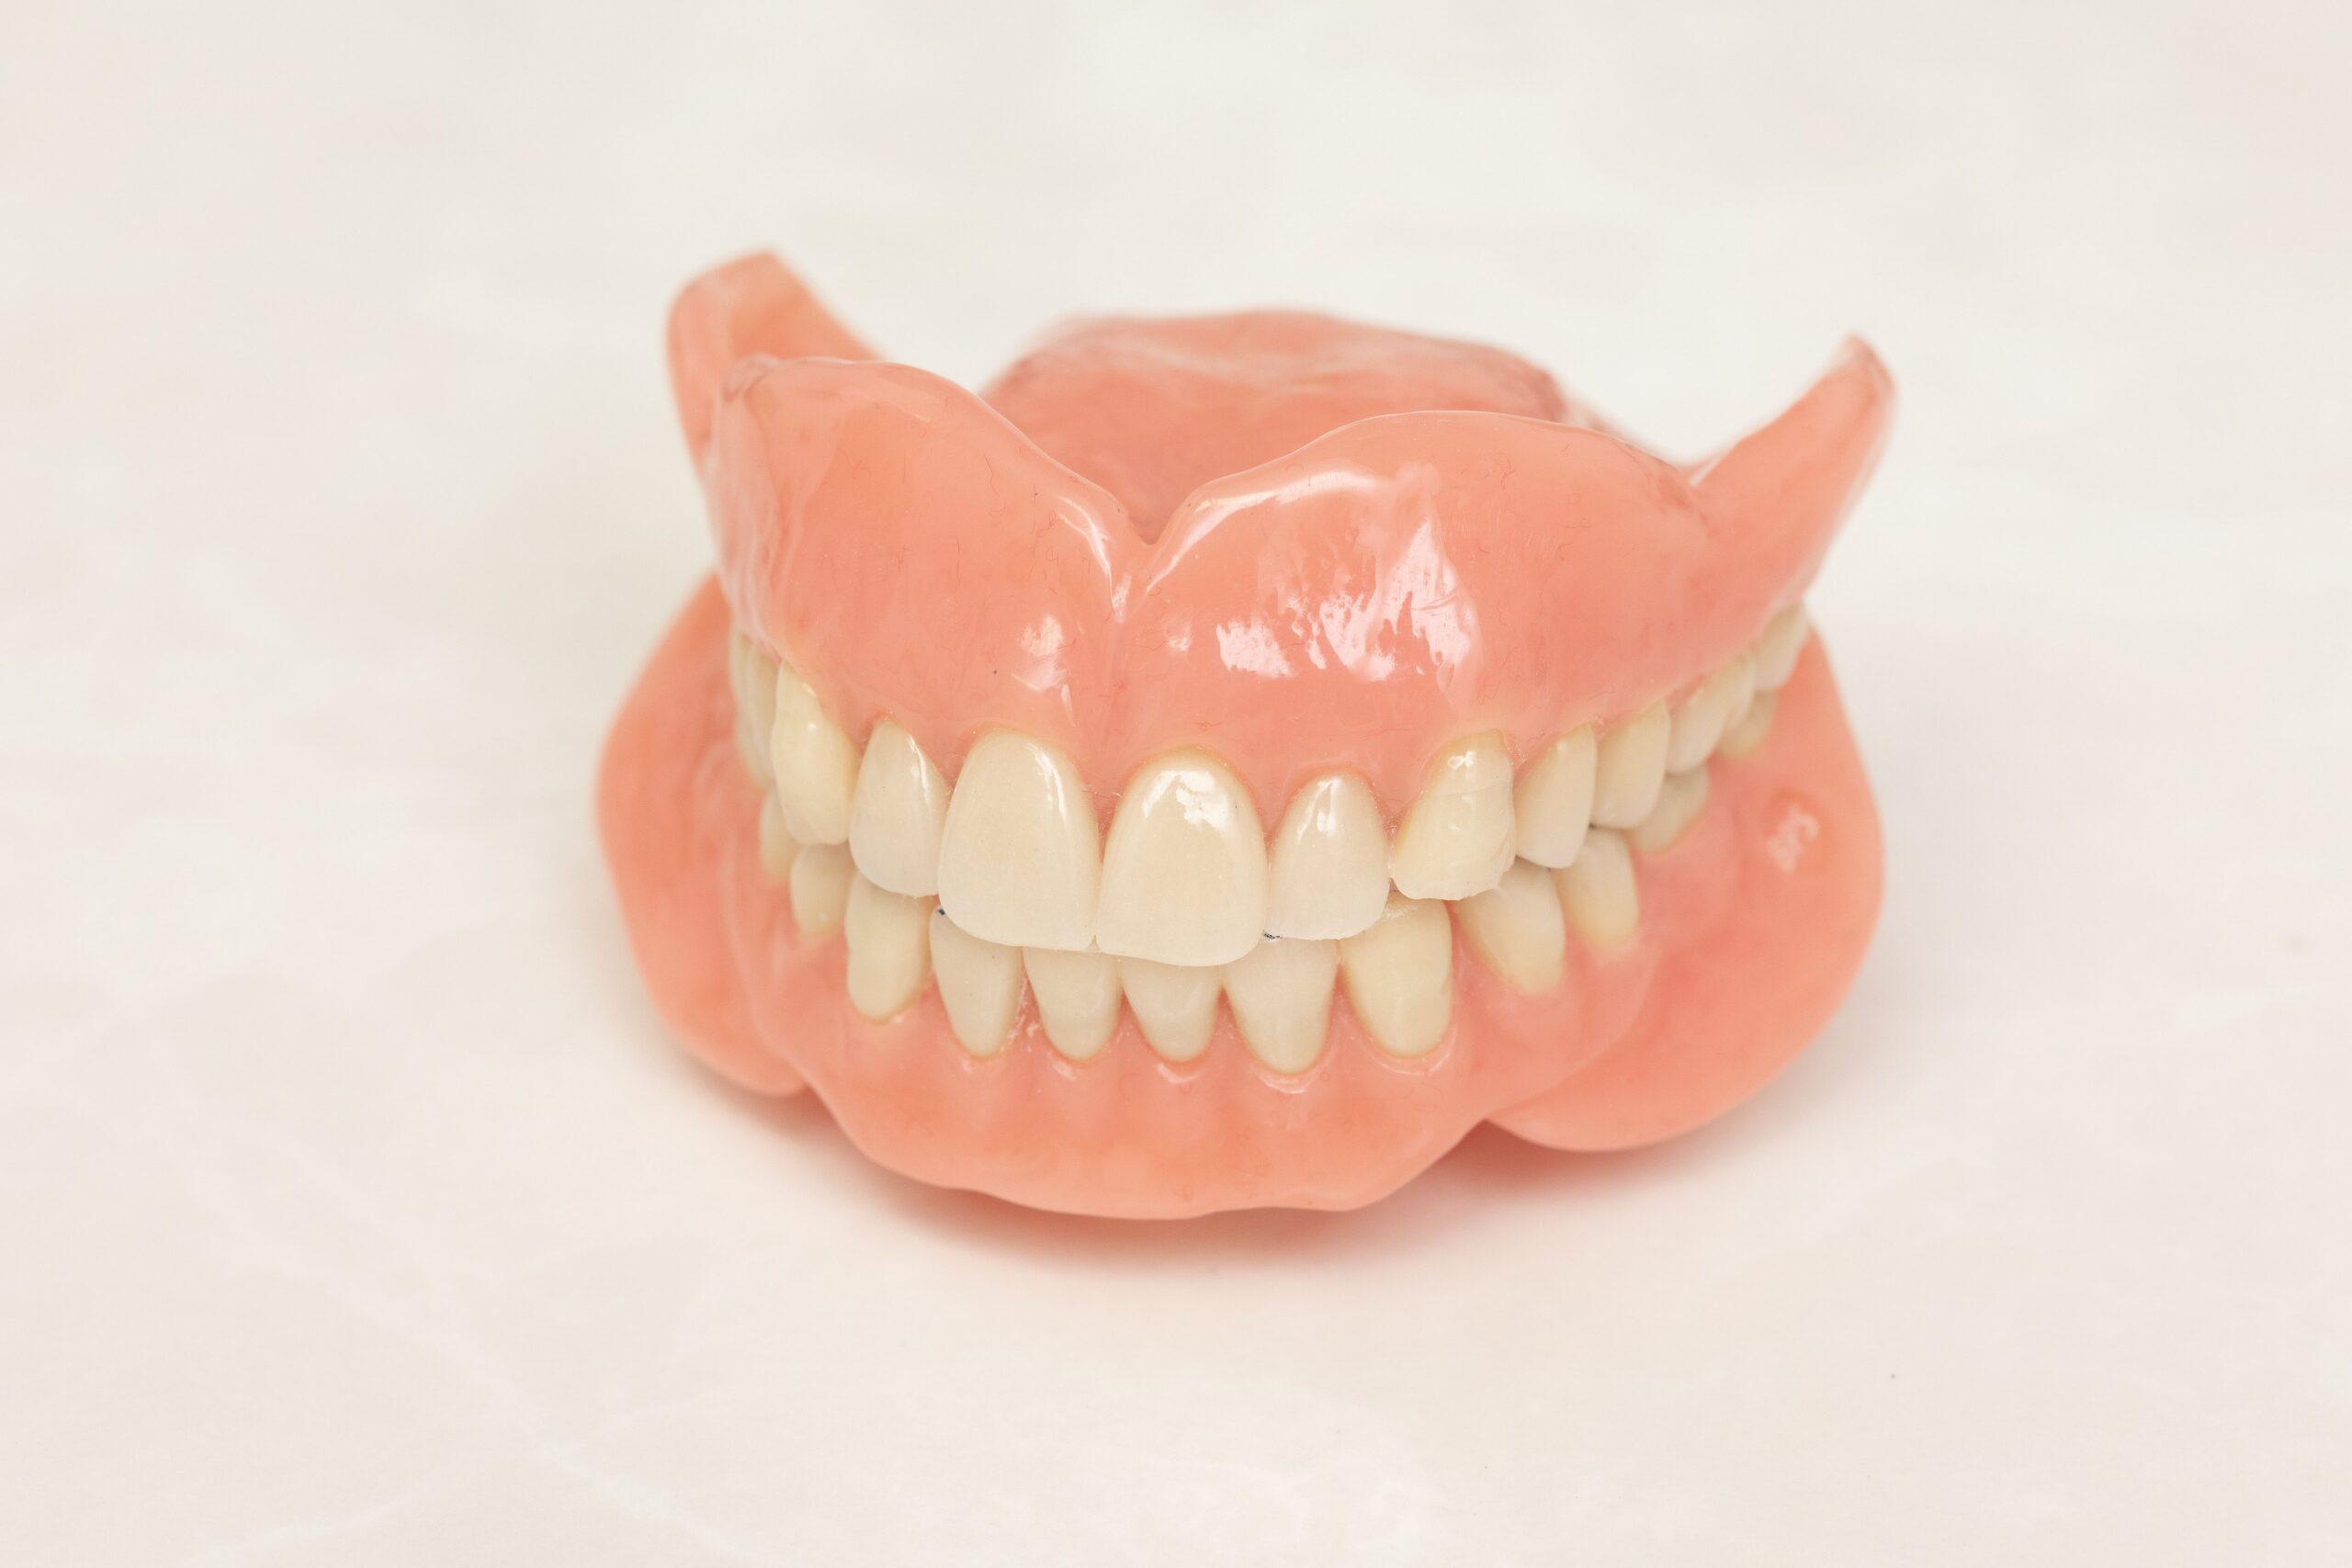 リハビリ入れ歯